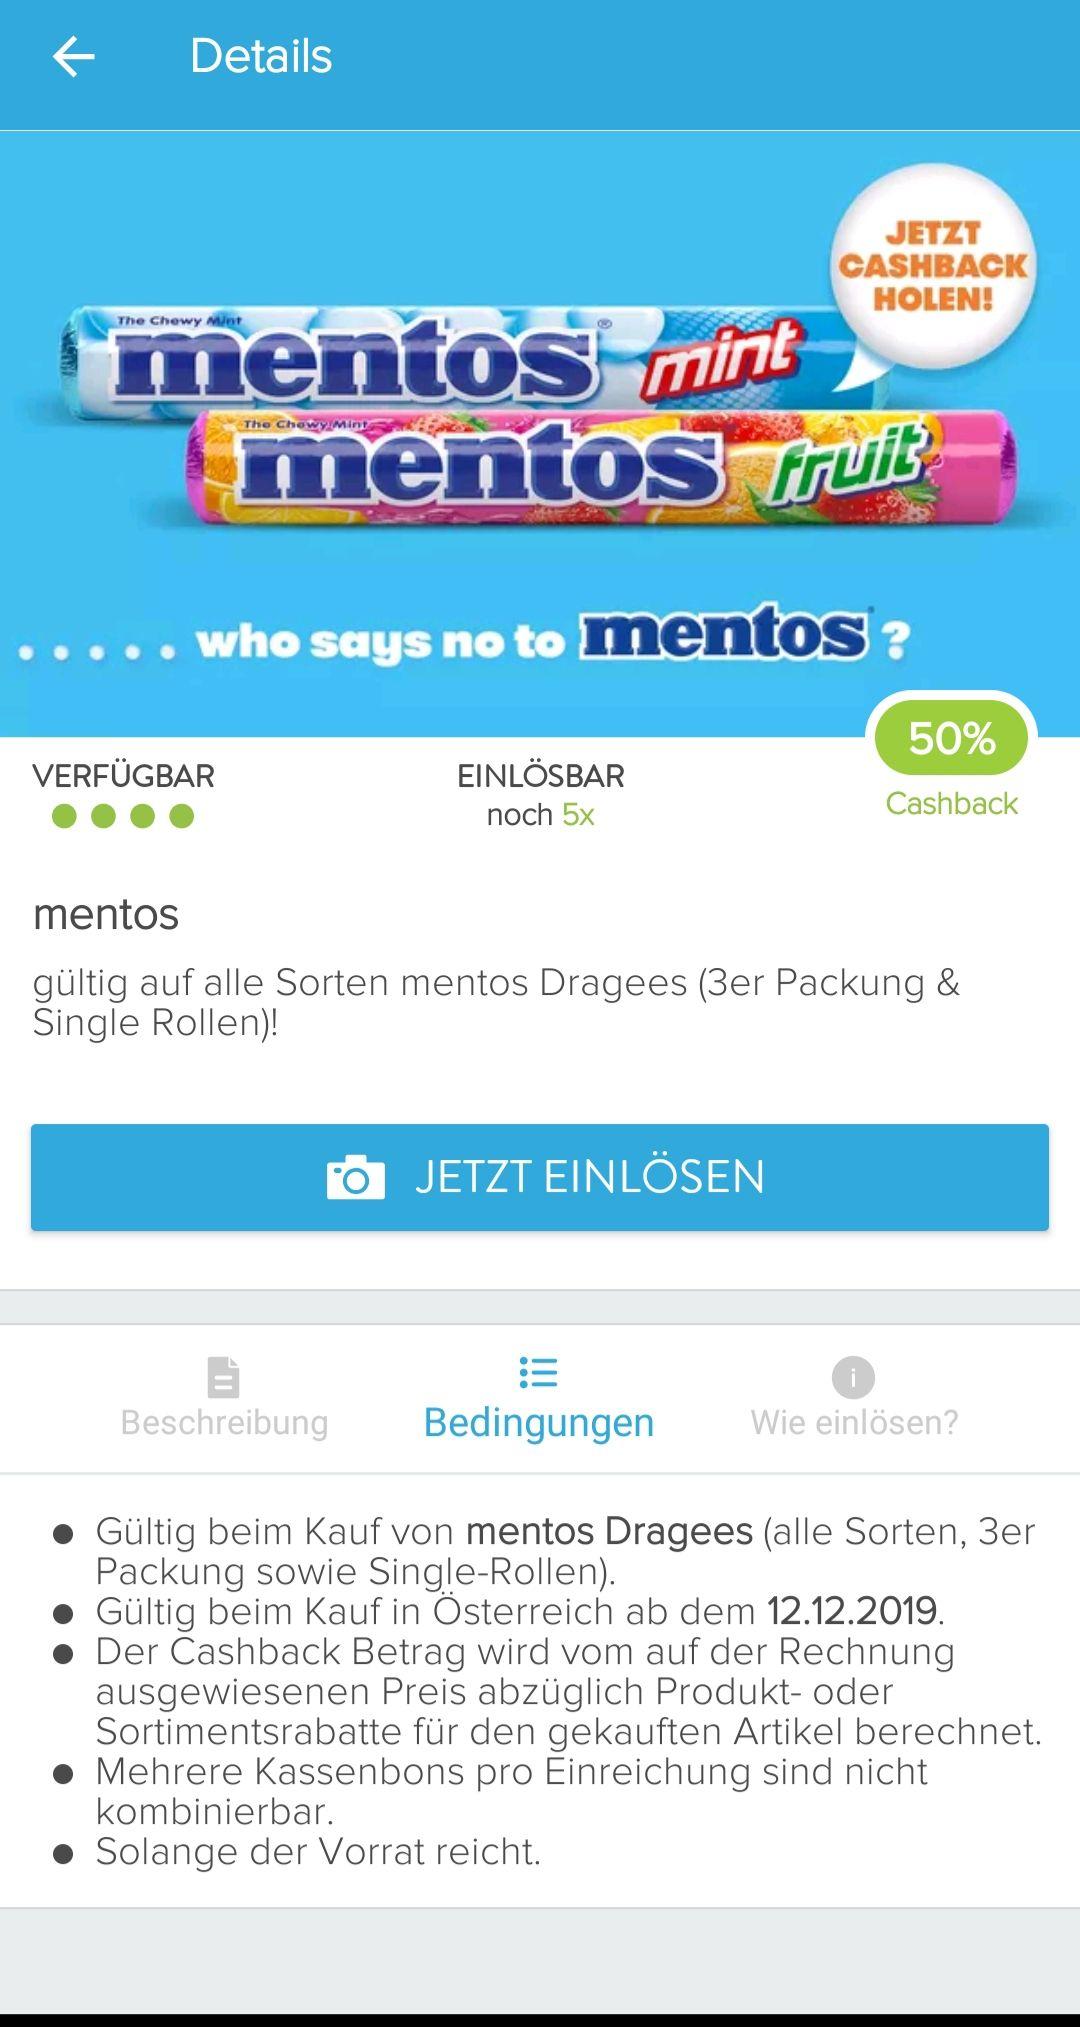 50% Cashback für Mentos von Marktguru